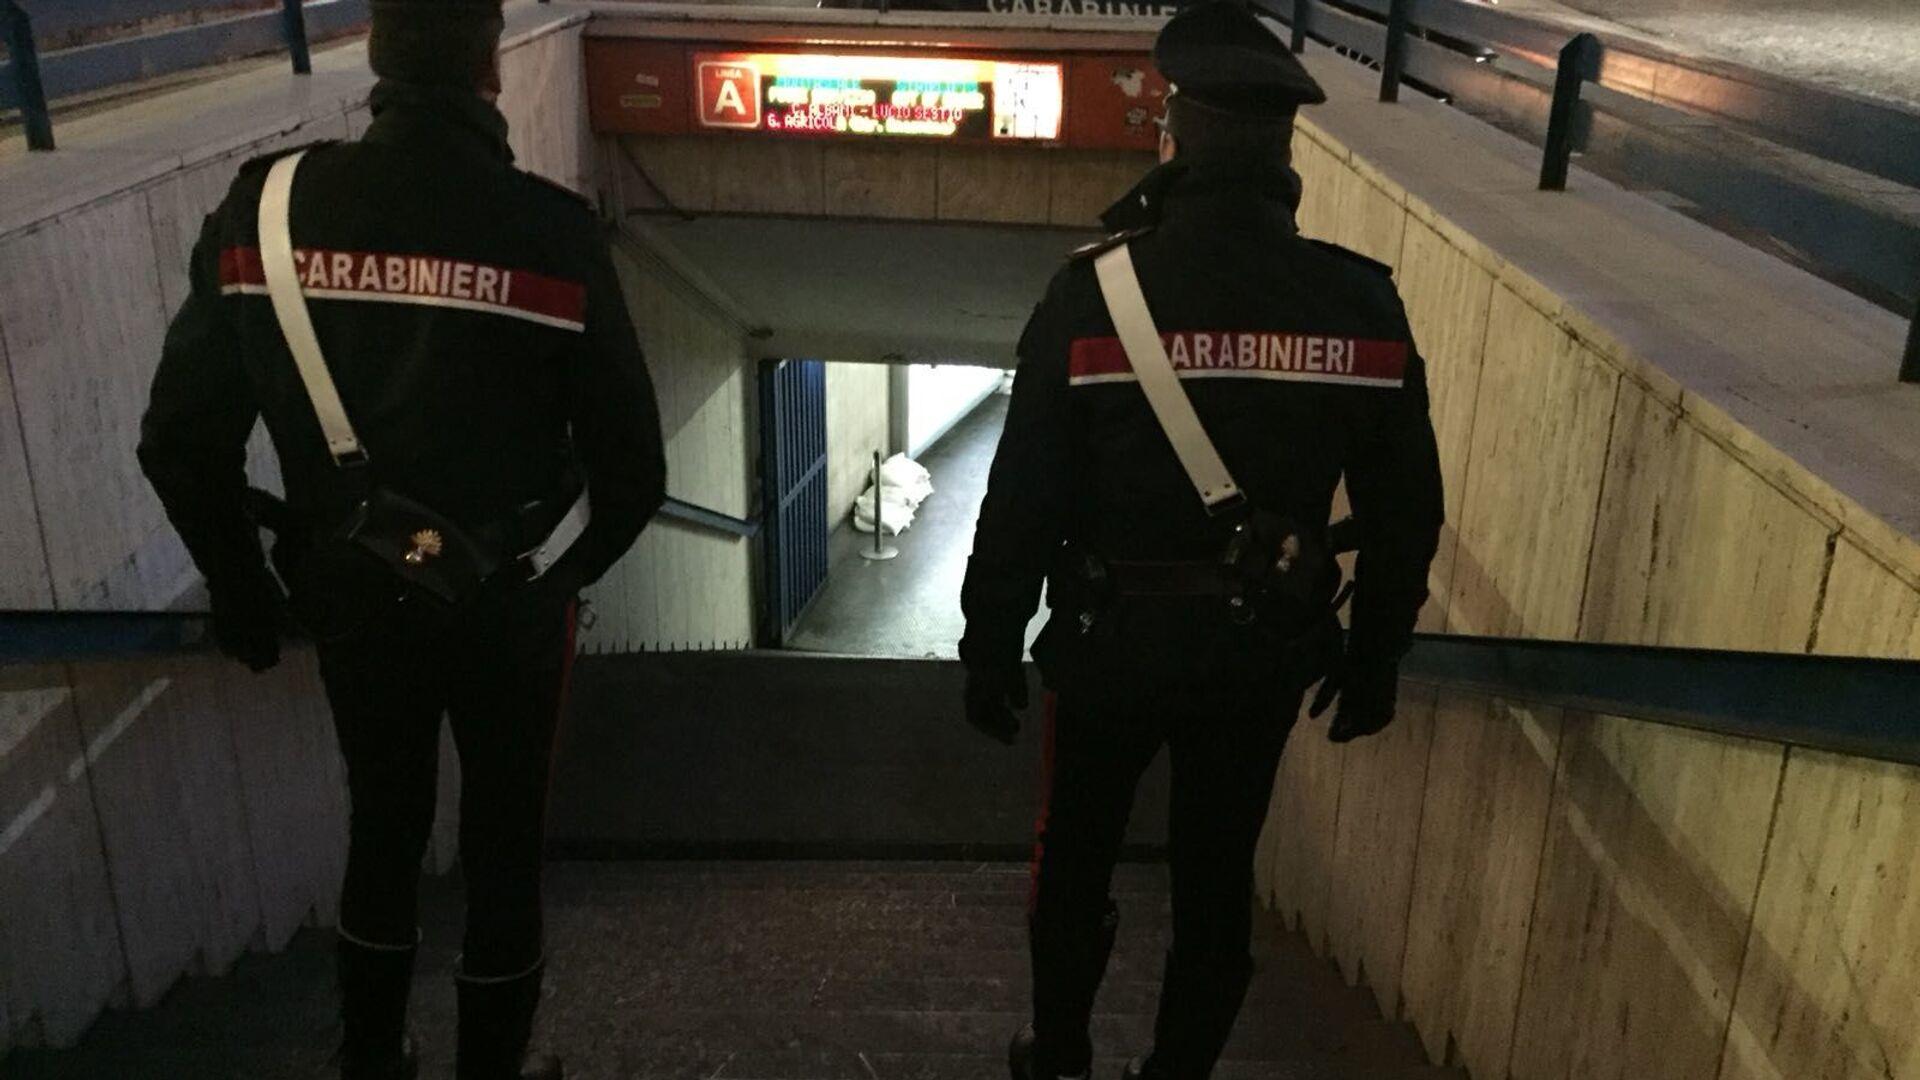 La stazione Termini ostaggio delle bande di stranieri: così rapinano e aggrediscono i viaggiatori - Sputnik Italia, 1920, 08.02.2021